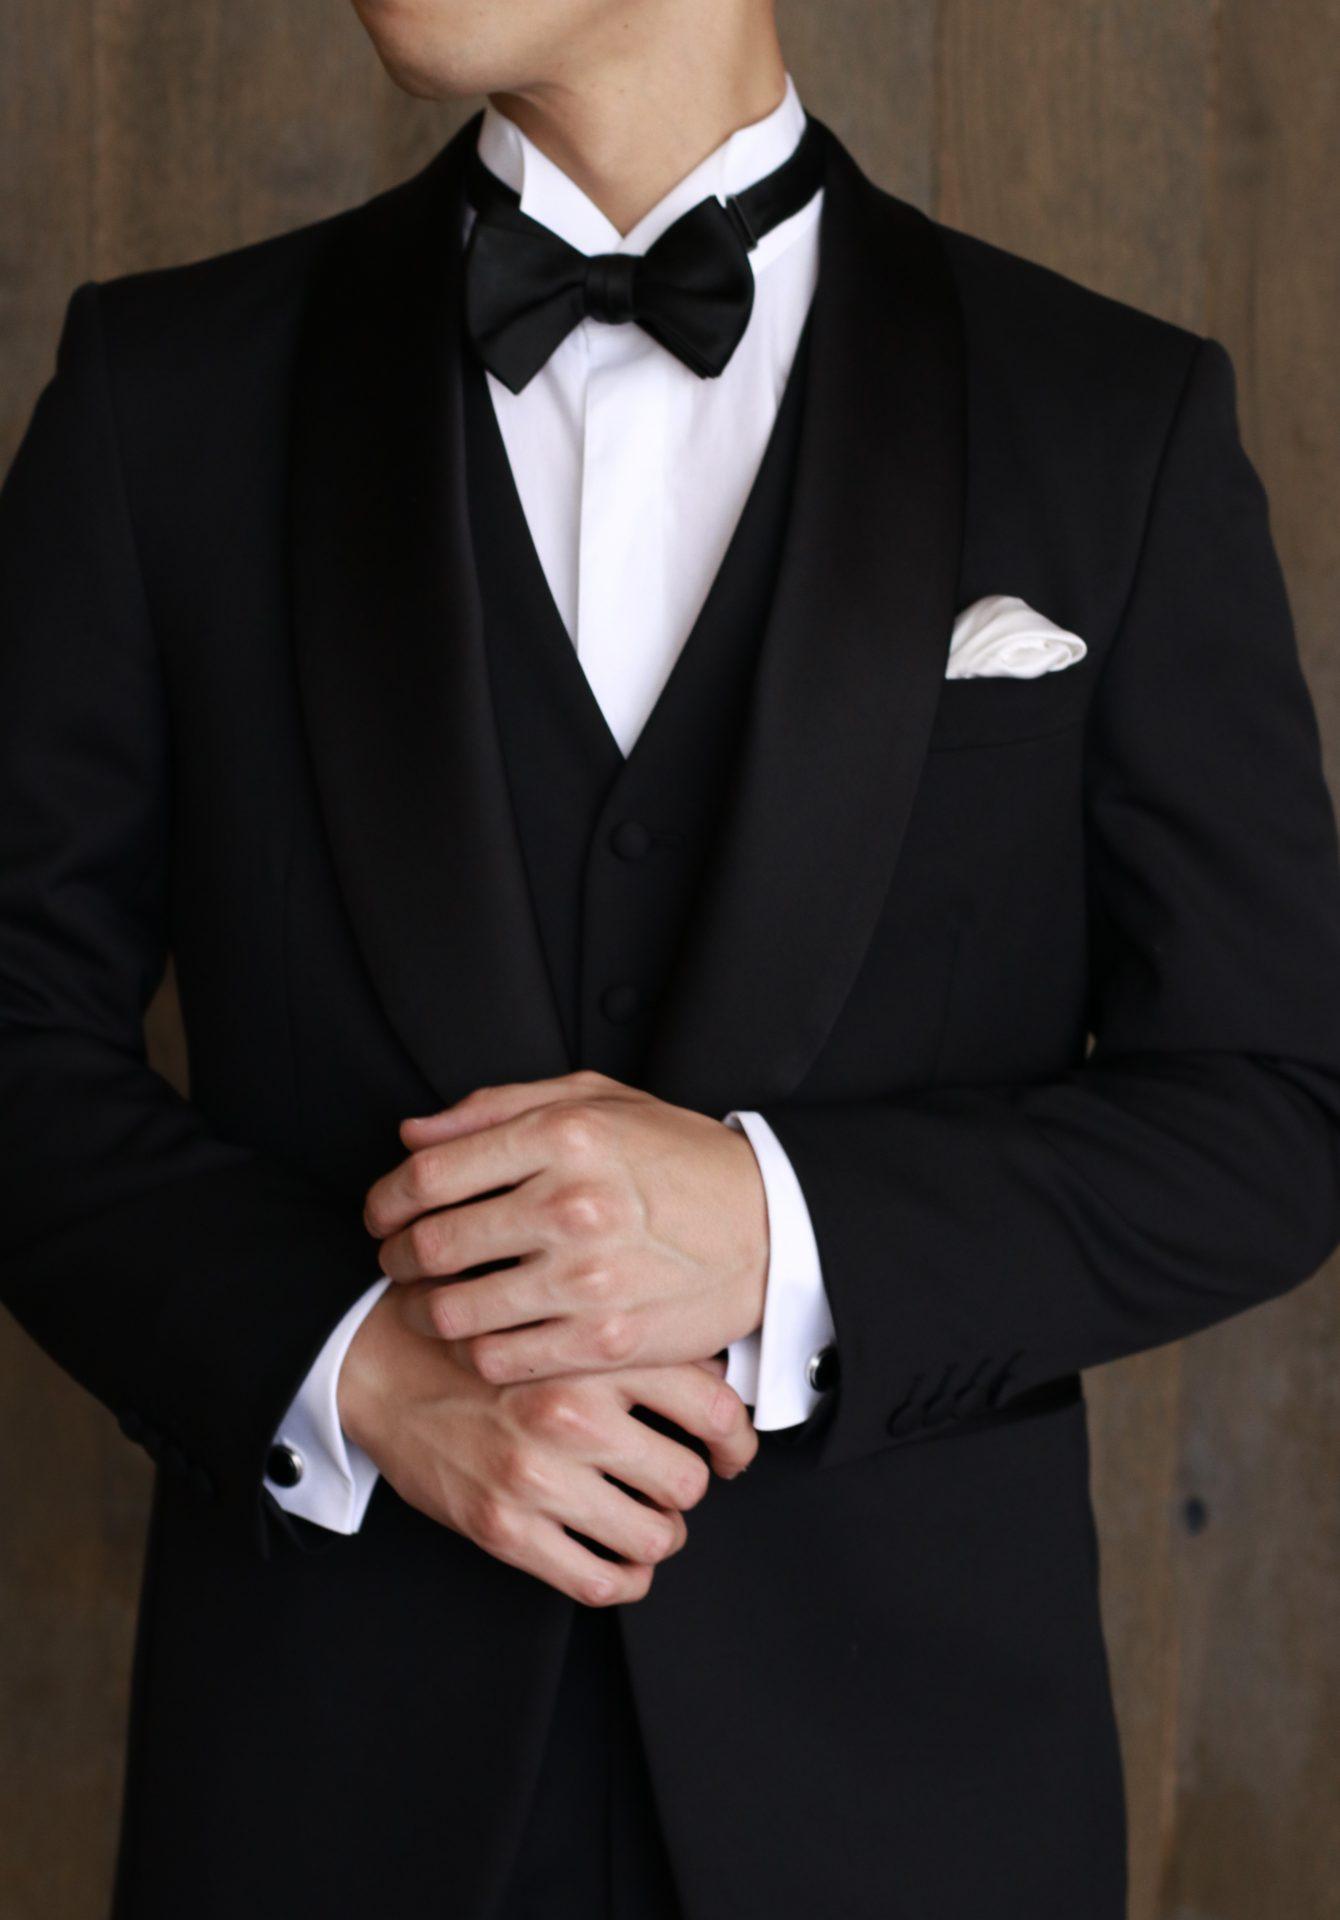 ご結婚式を挙げる新郎新婦の衣裳をレンタルできるドレスショップ、THETREATDRESSING(ザトリートドレッシング)では、ブラックタイが印象的なフォーマルタキシードをオーダーでもご用意しております